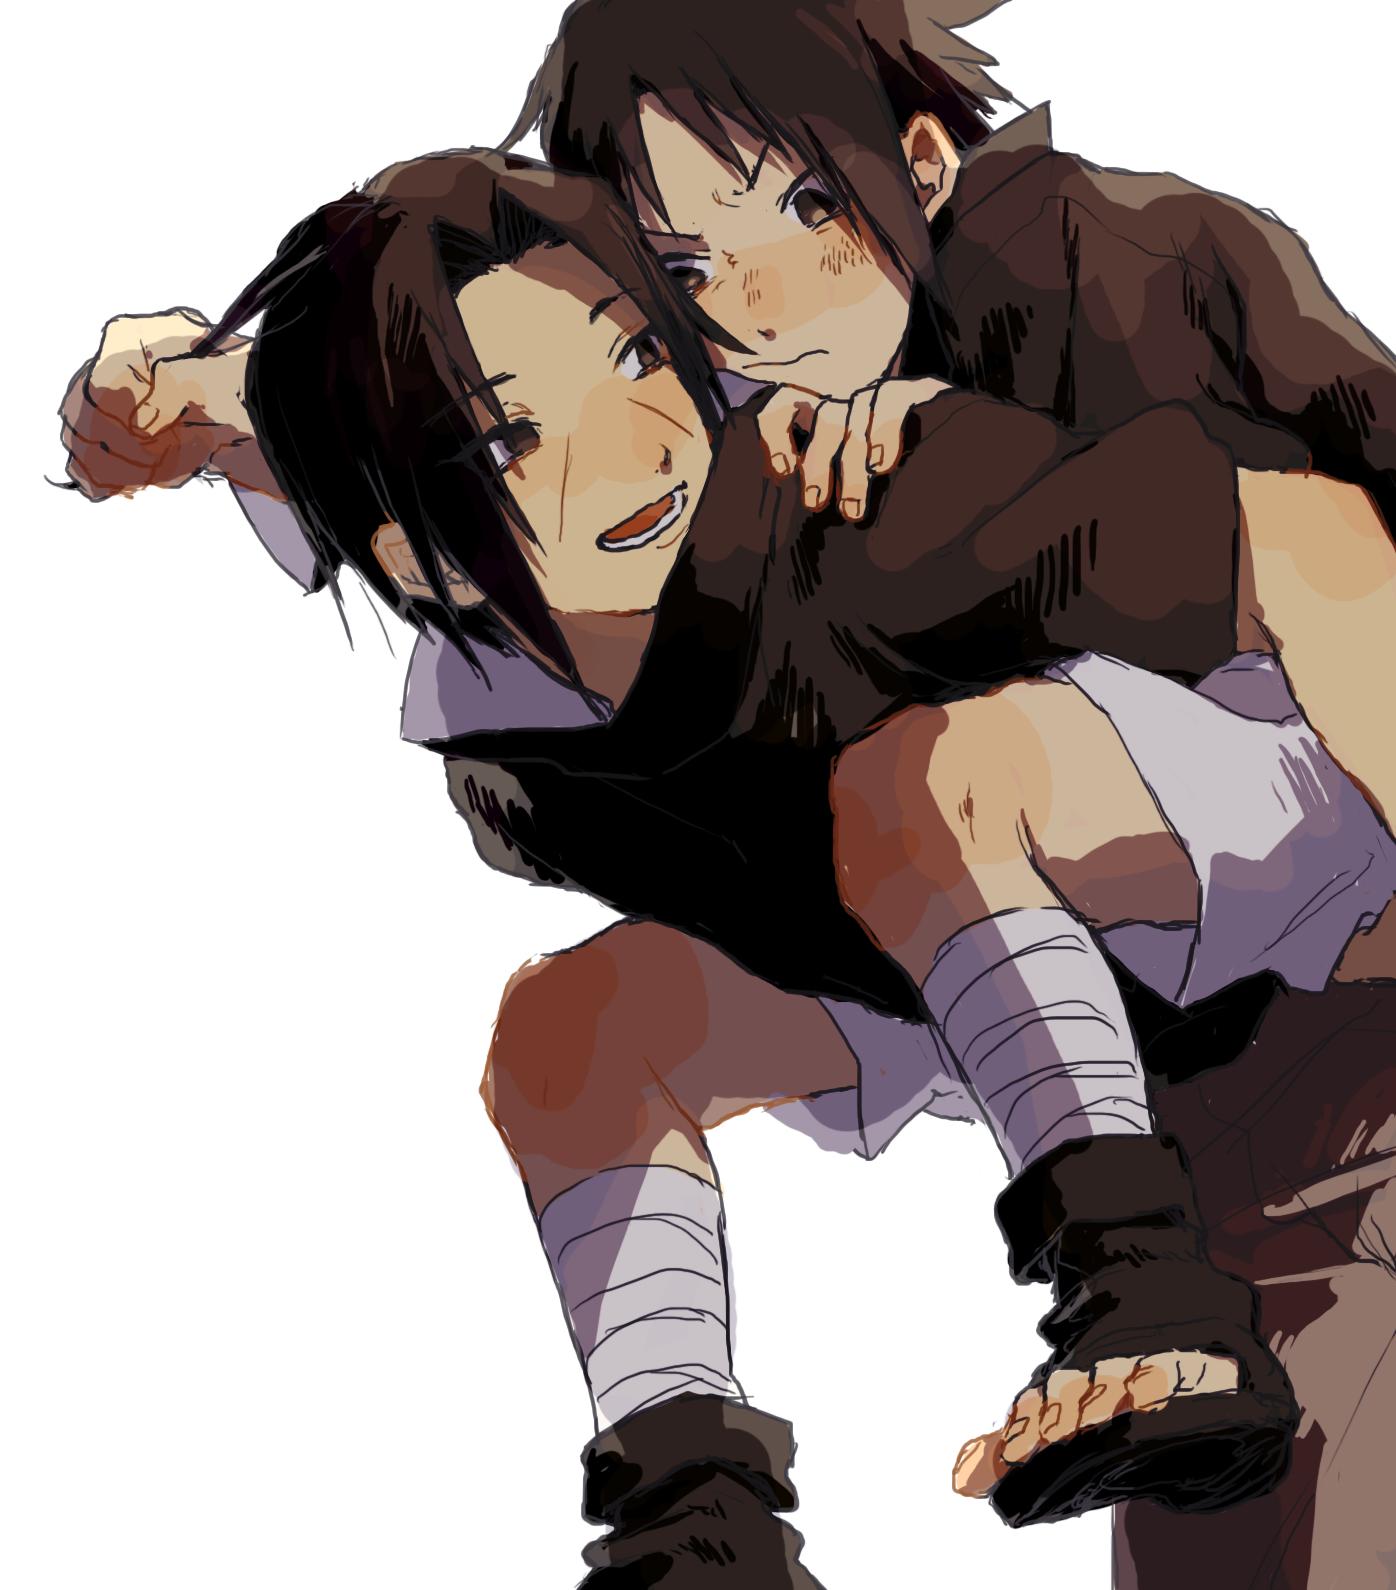 Uchiha Brothers - NARUTO - Image #1812057 - Zerochan Anime Image Board